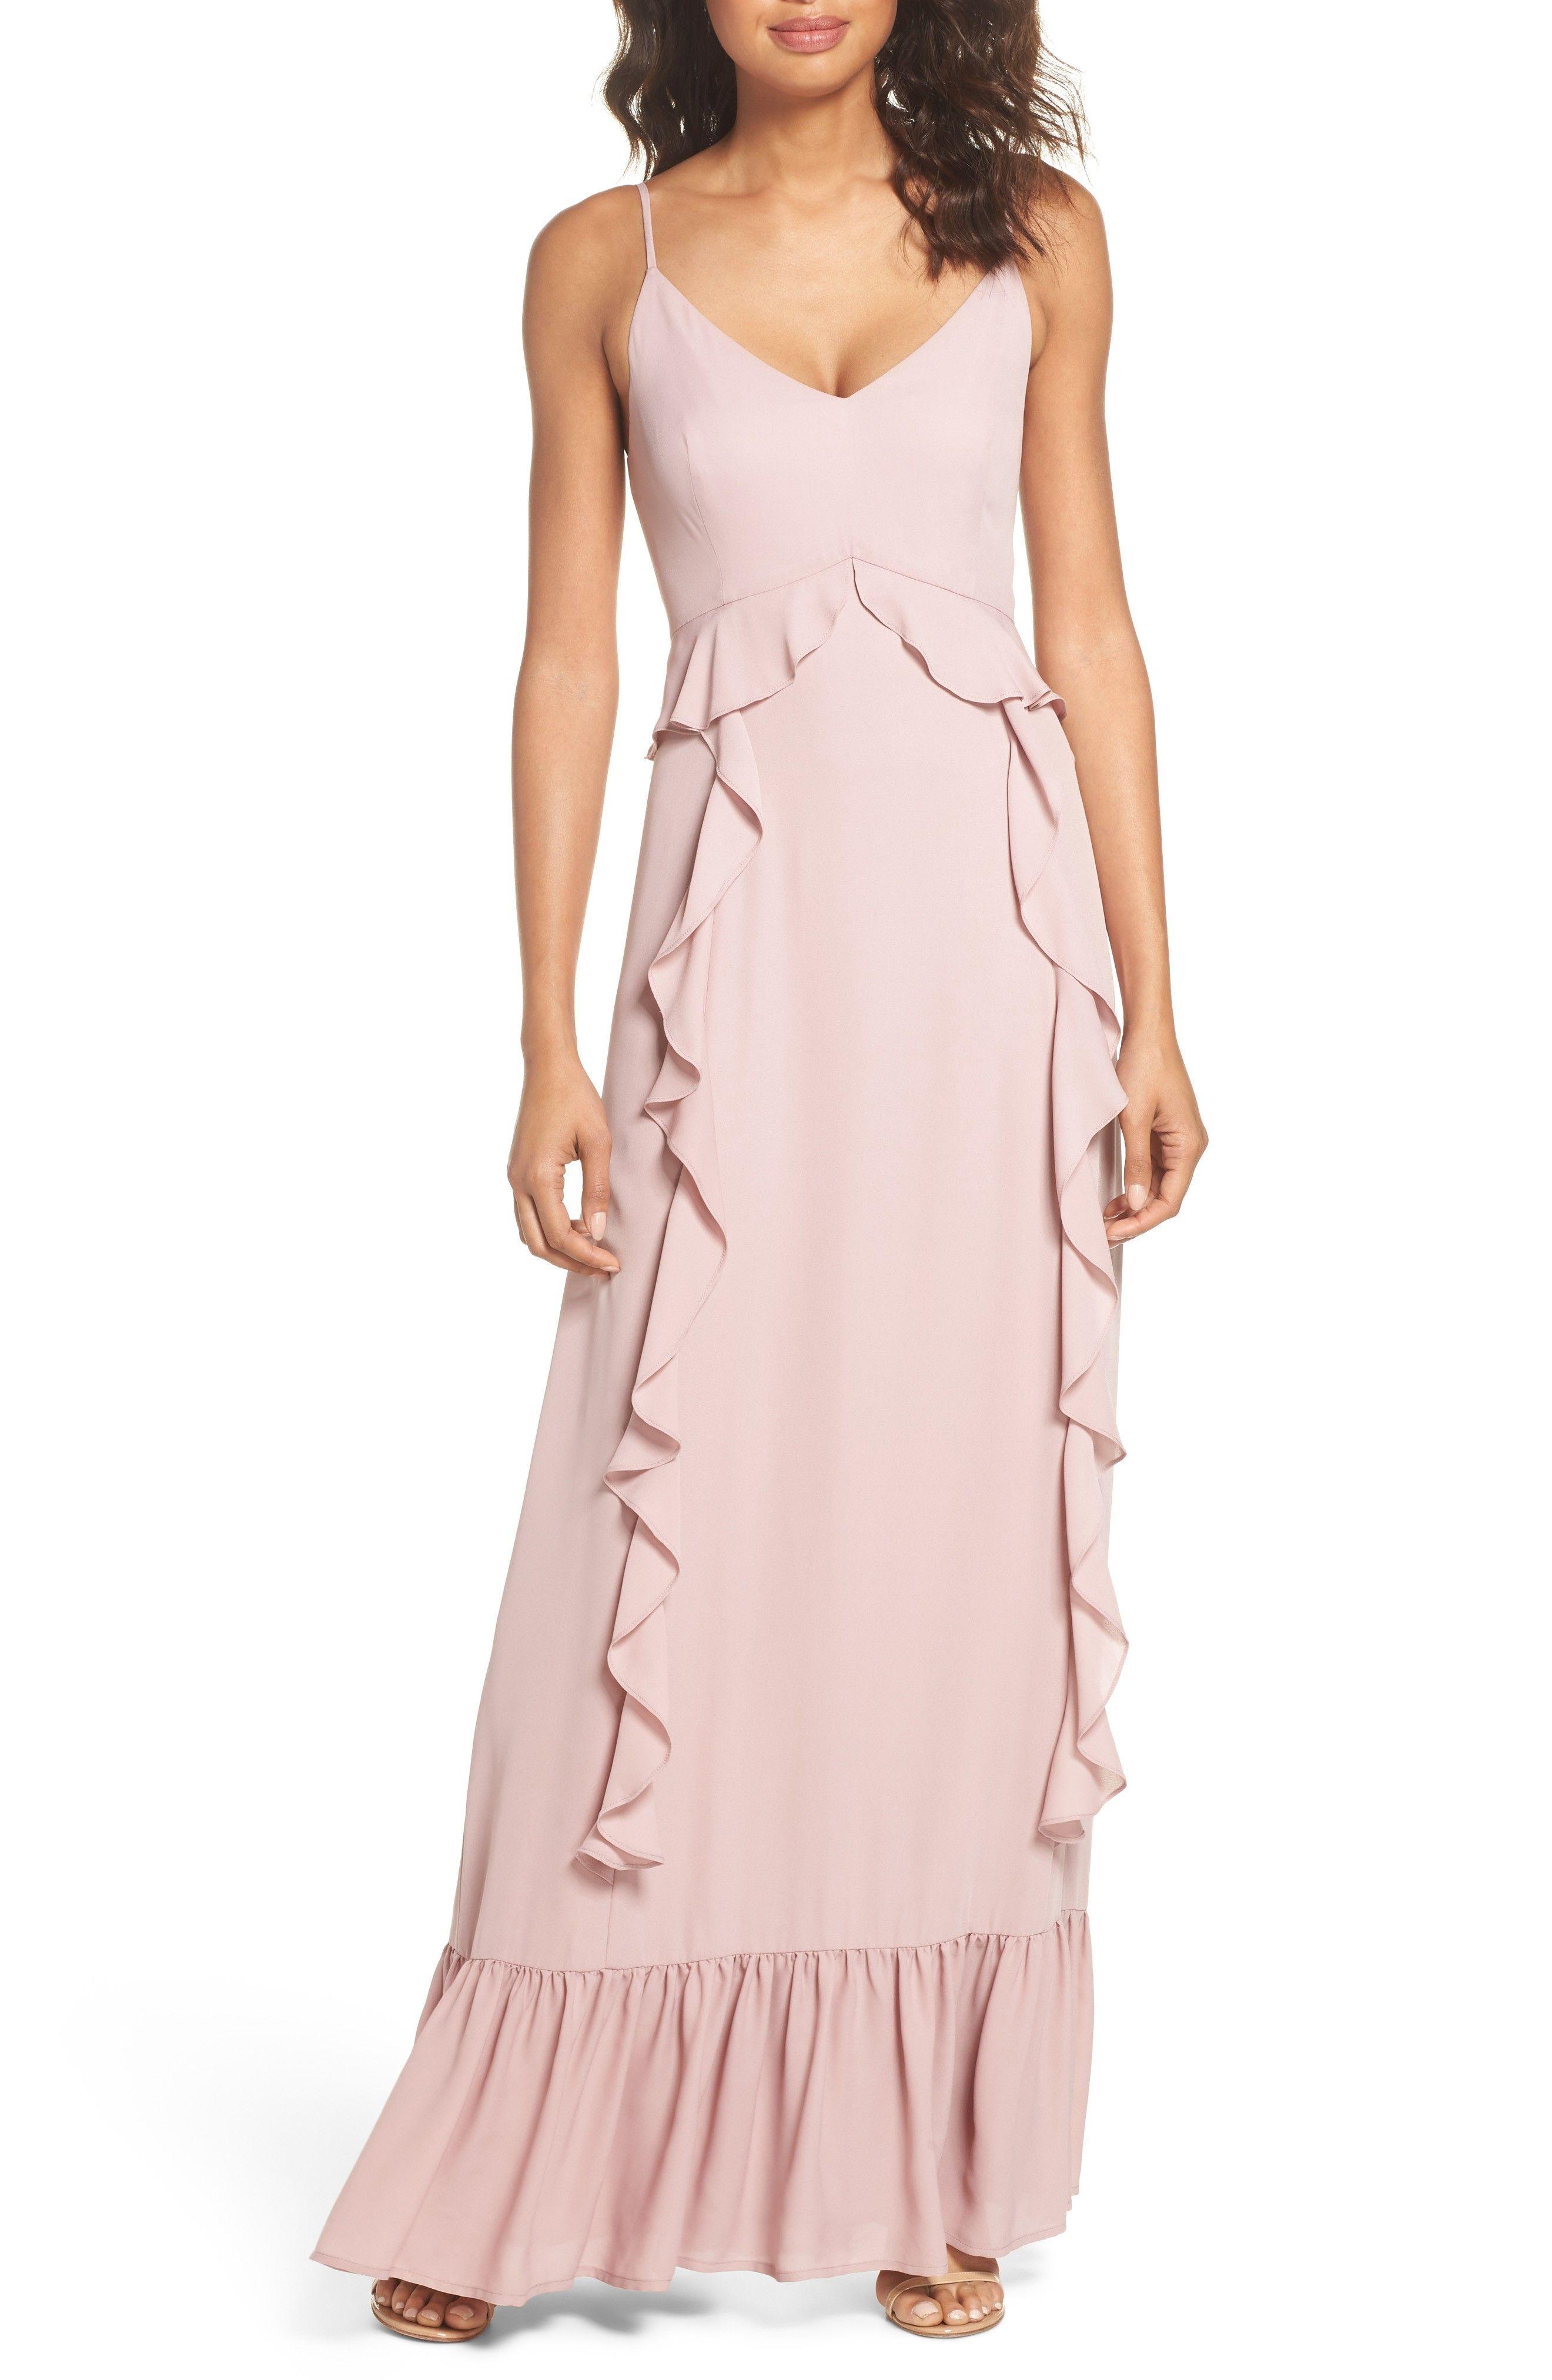 Grey wedding guest dress  Wedding Guest  Loverly Grey  WEDDING  Pinterest  Wedding and